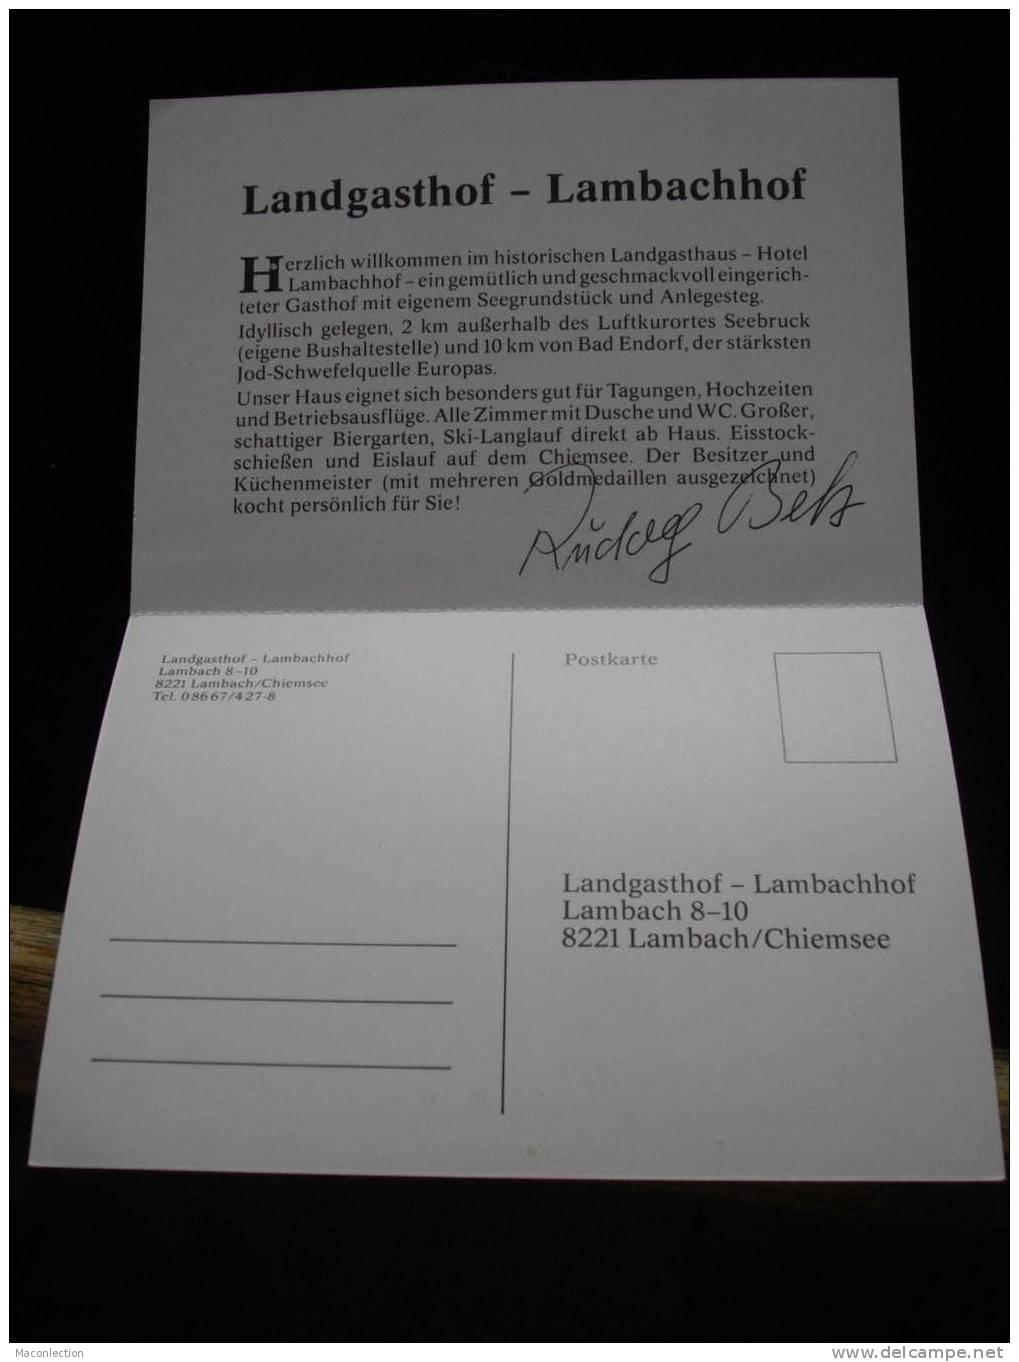 Landgasthof Lambachhof Lambach Chiemsee - Chiemgauer Alpen